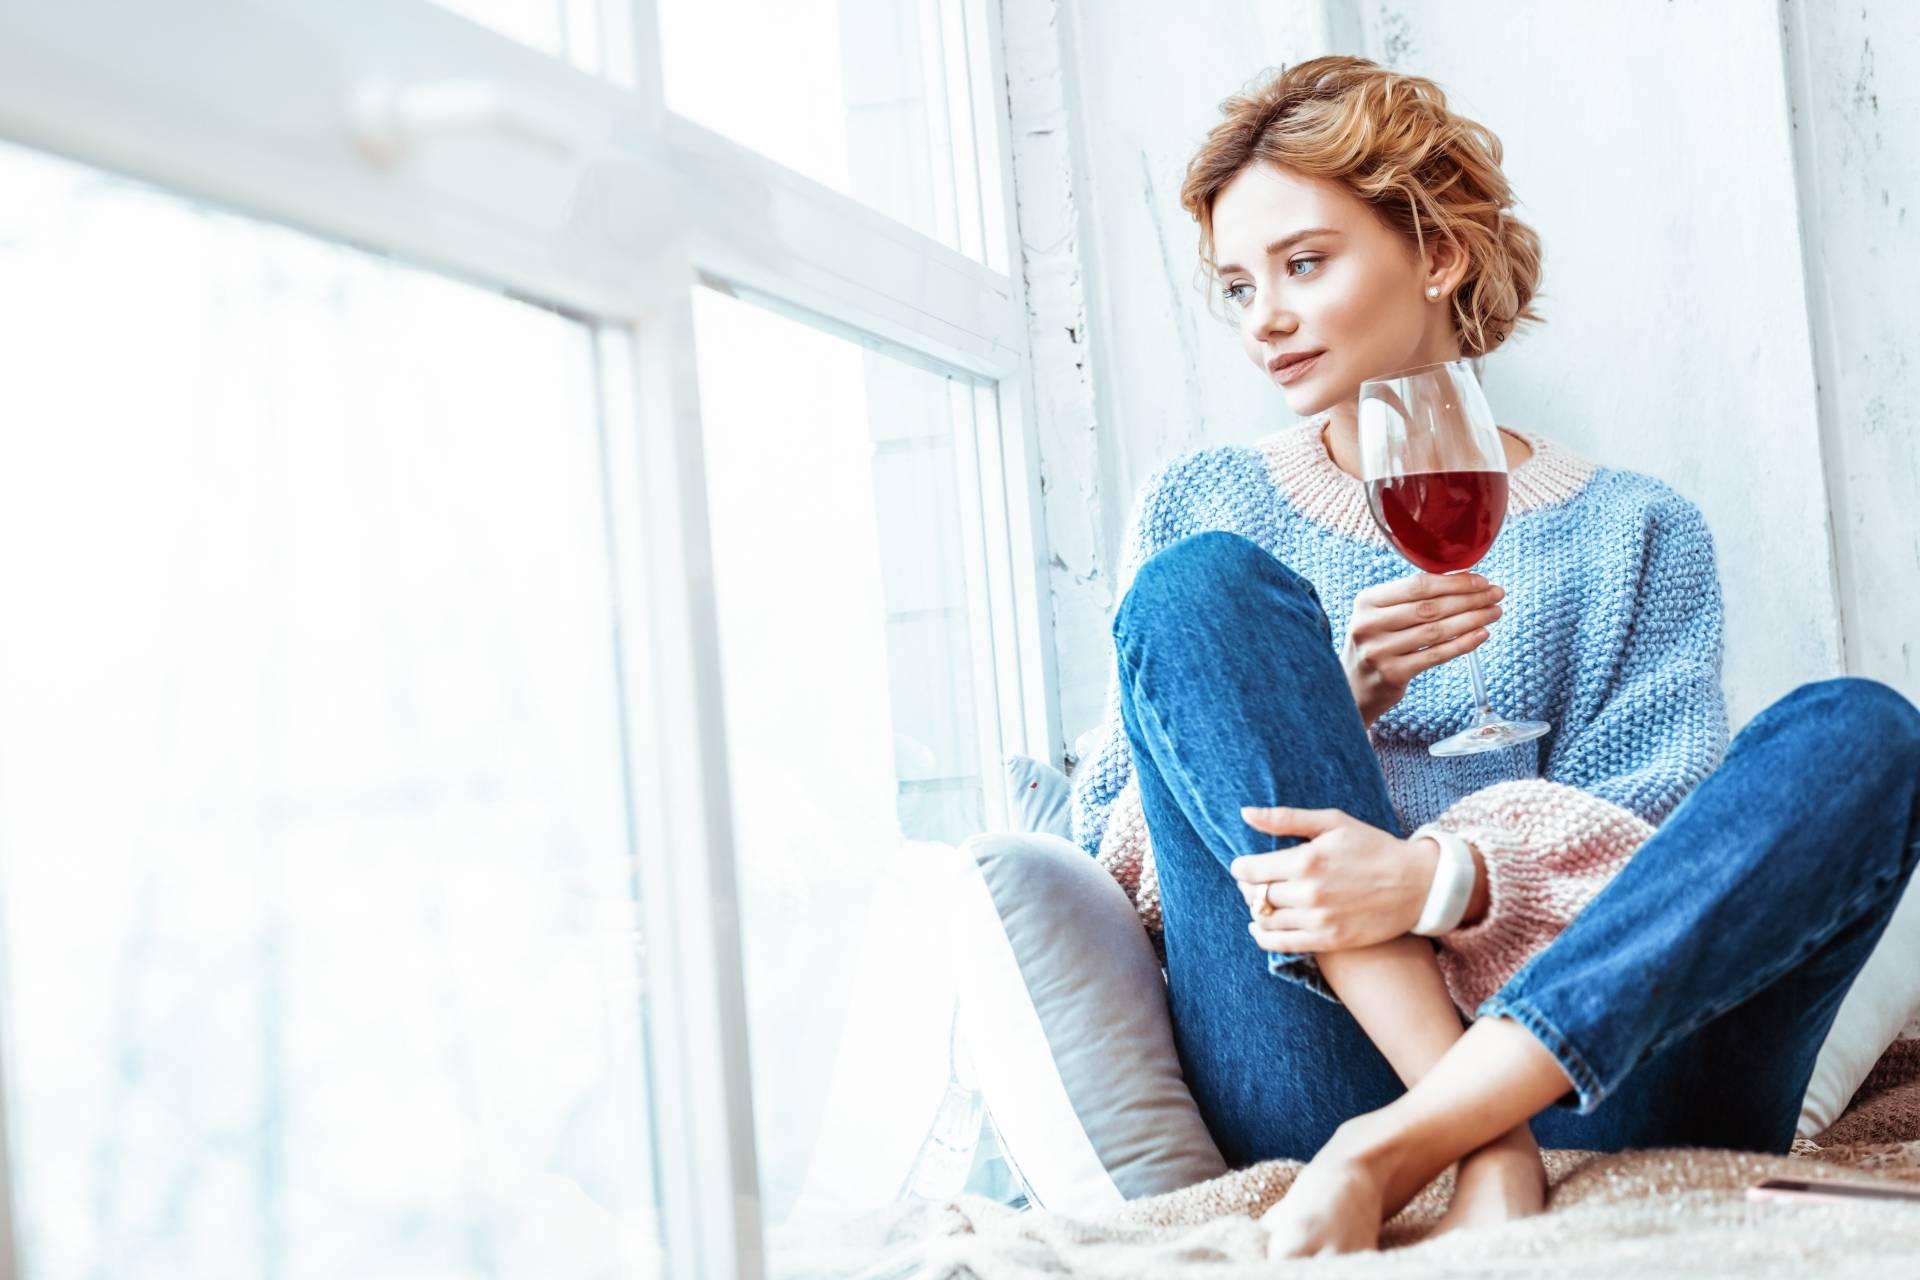 Symptomy kryzysu życiowego. Młoda kobieta siedzi na parapecie z kieliszkiem wina i wpatruje się w widok za oknem.